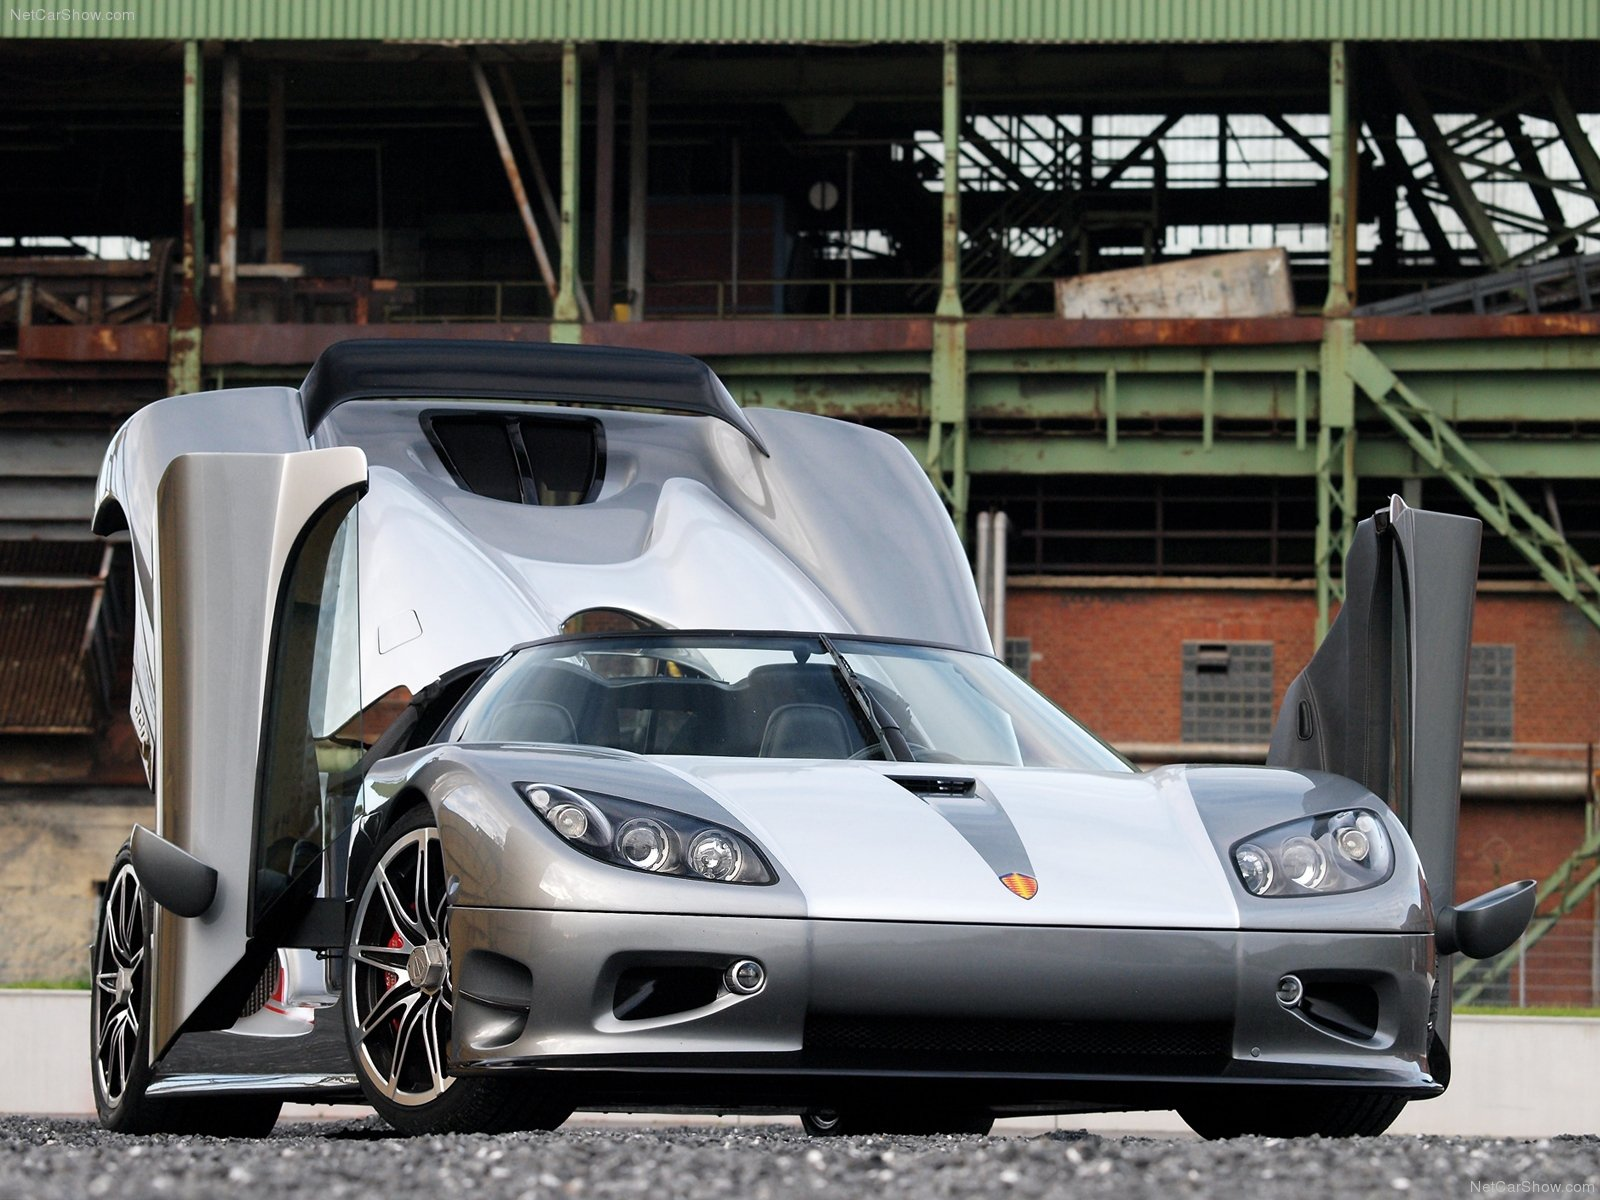 Hình ảnh siêu xe Edo Koenigsegg CCR 2011 & nội ngoại thất